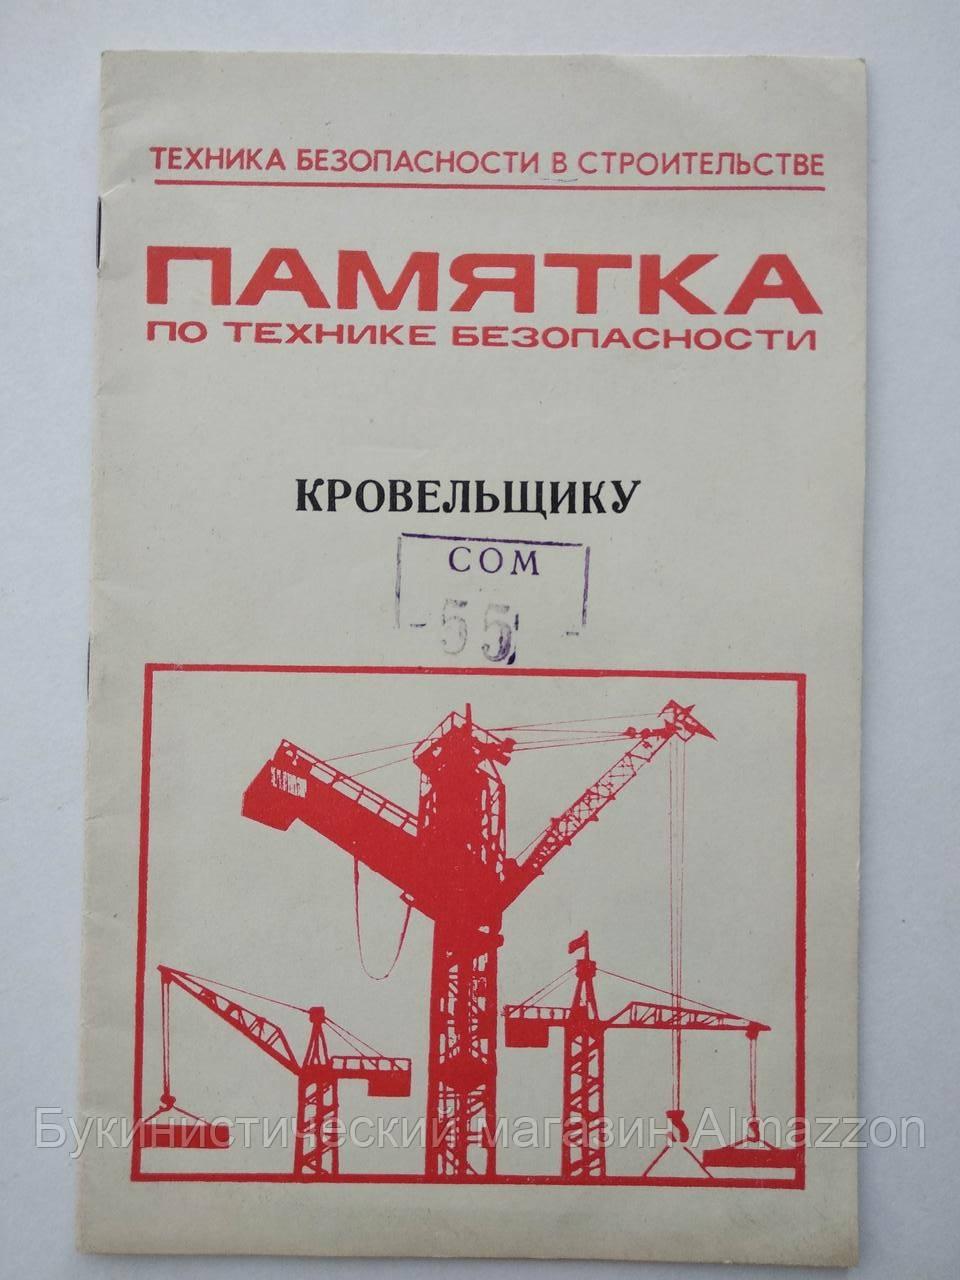 Пам'ятка з техніки безпеки покрівельникові М. А. Козловський